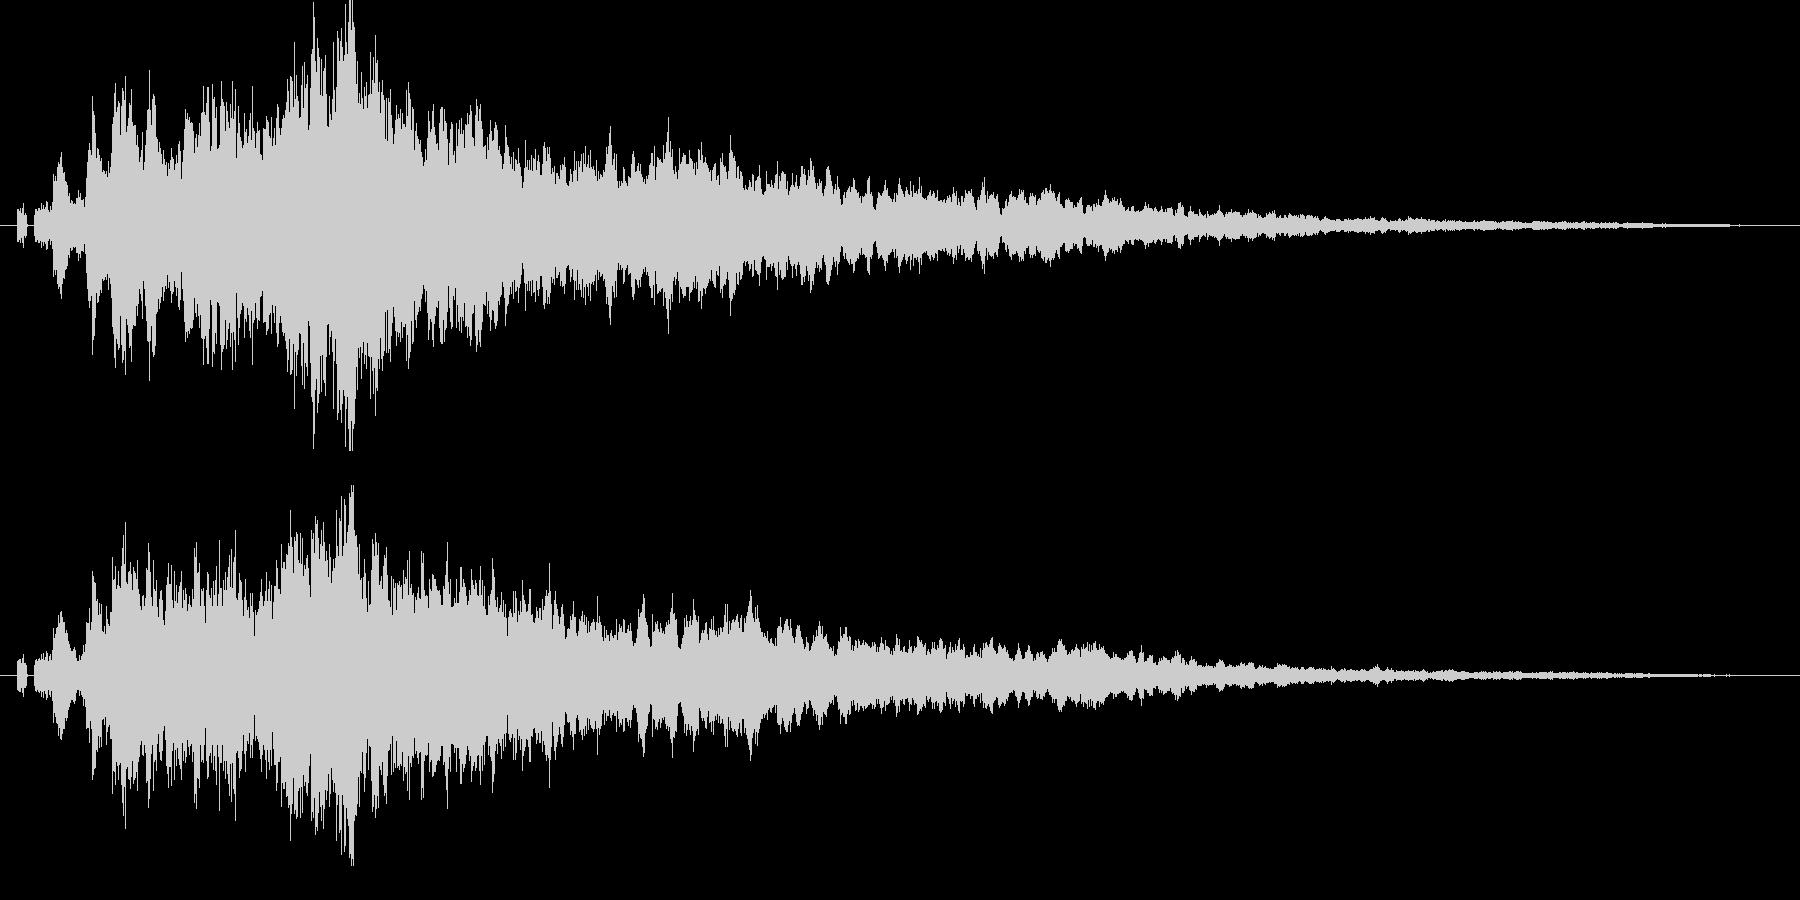 【キラキラ01】光や天使に最適な効果音!の未再生の波形